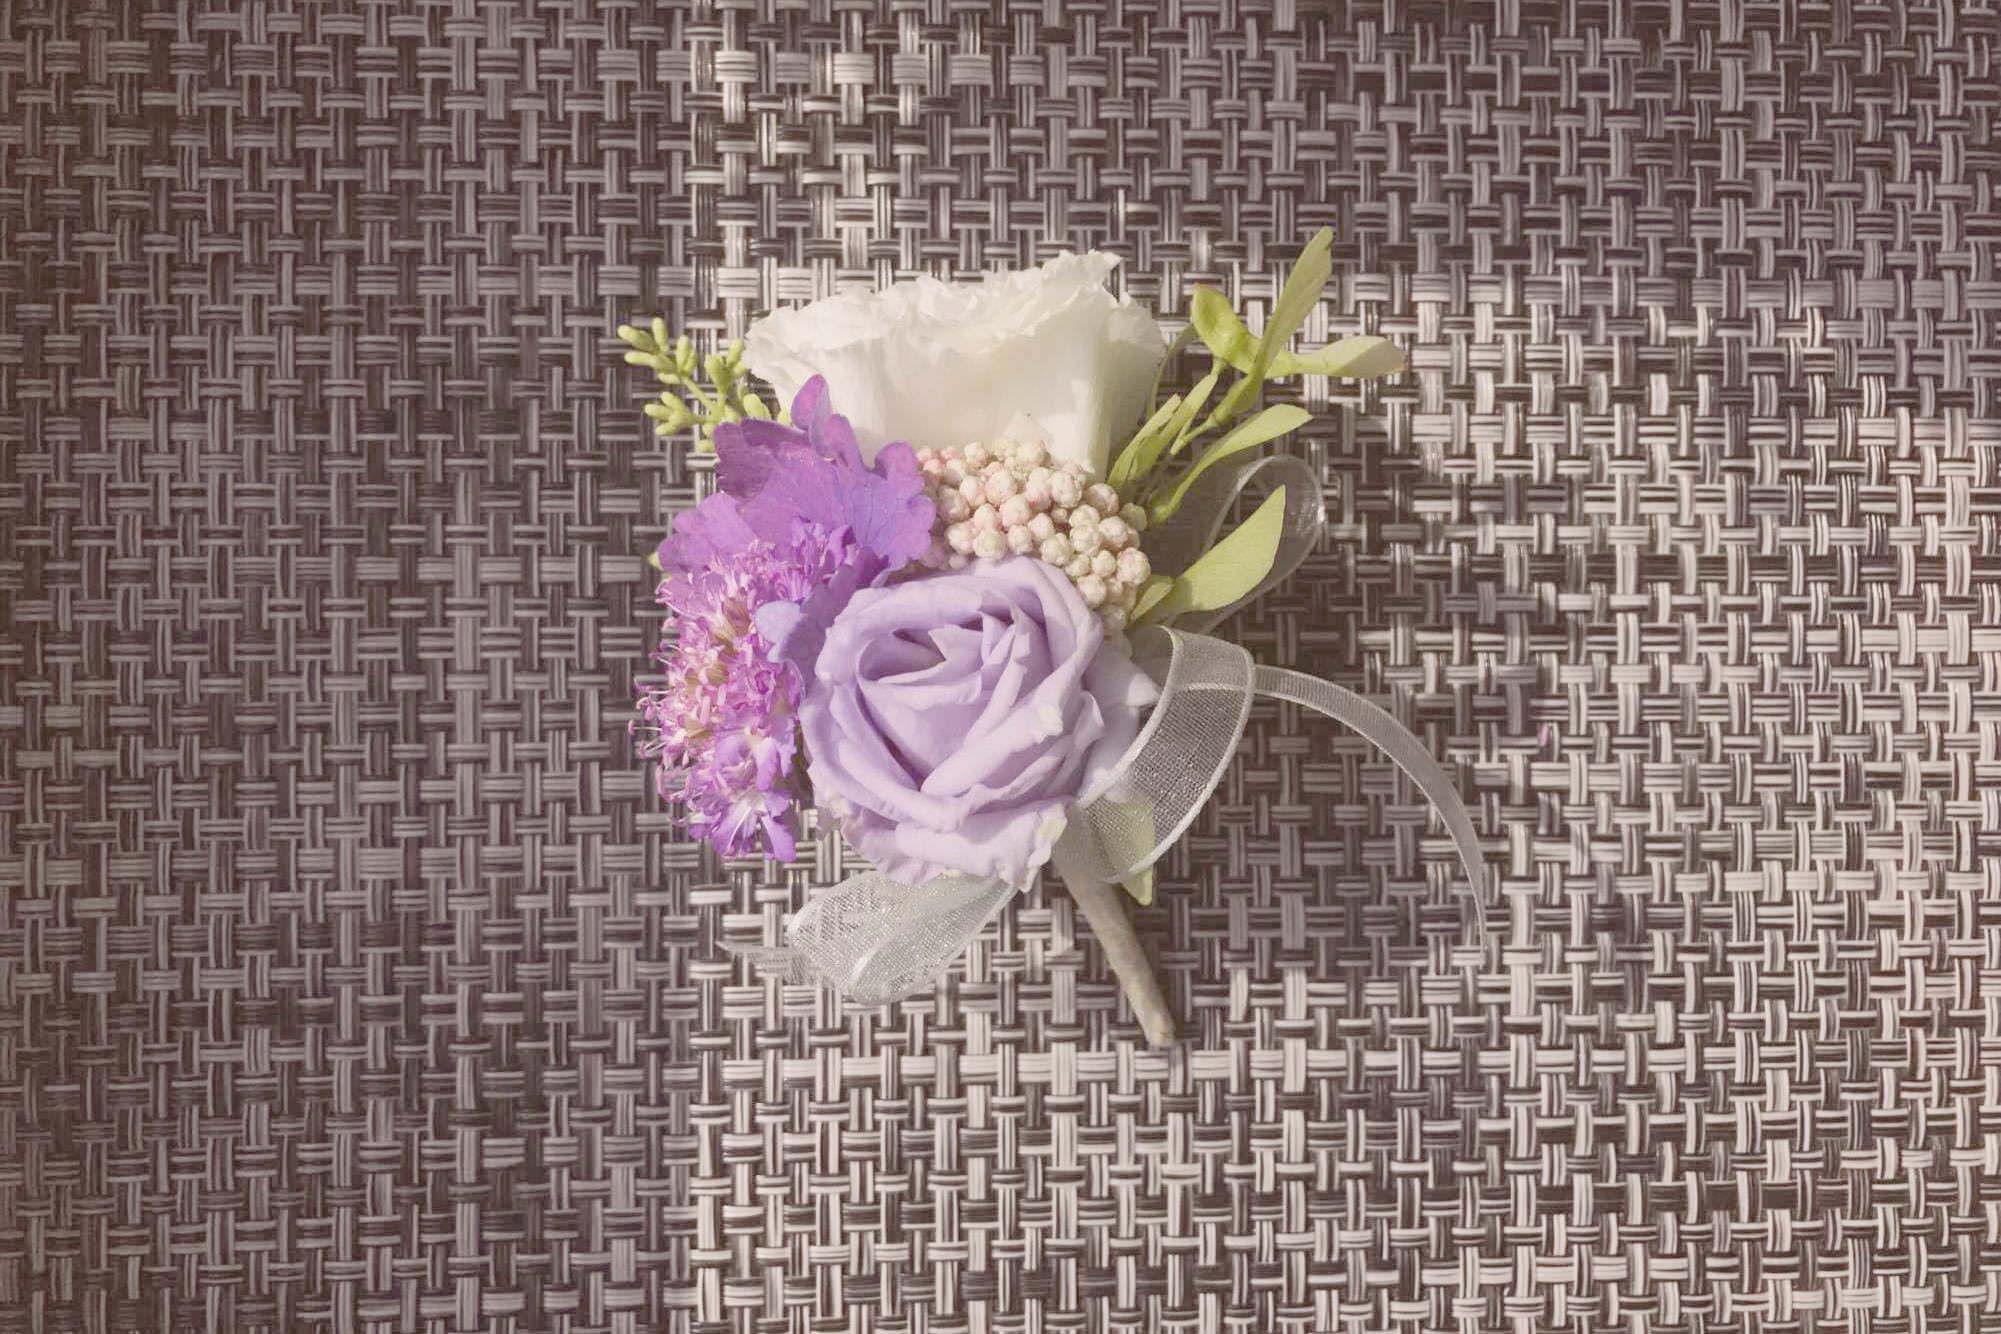 新郎胸花, 新秘Yuki, 鮮花新秘, 伴郎胸花, 繽紛新郎胸花, 鮮花胸花